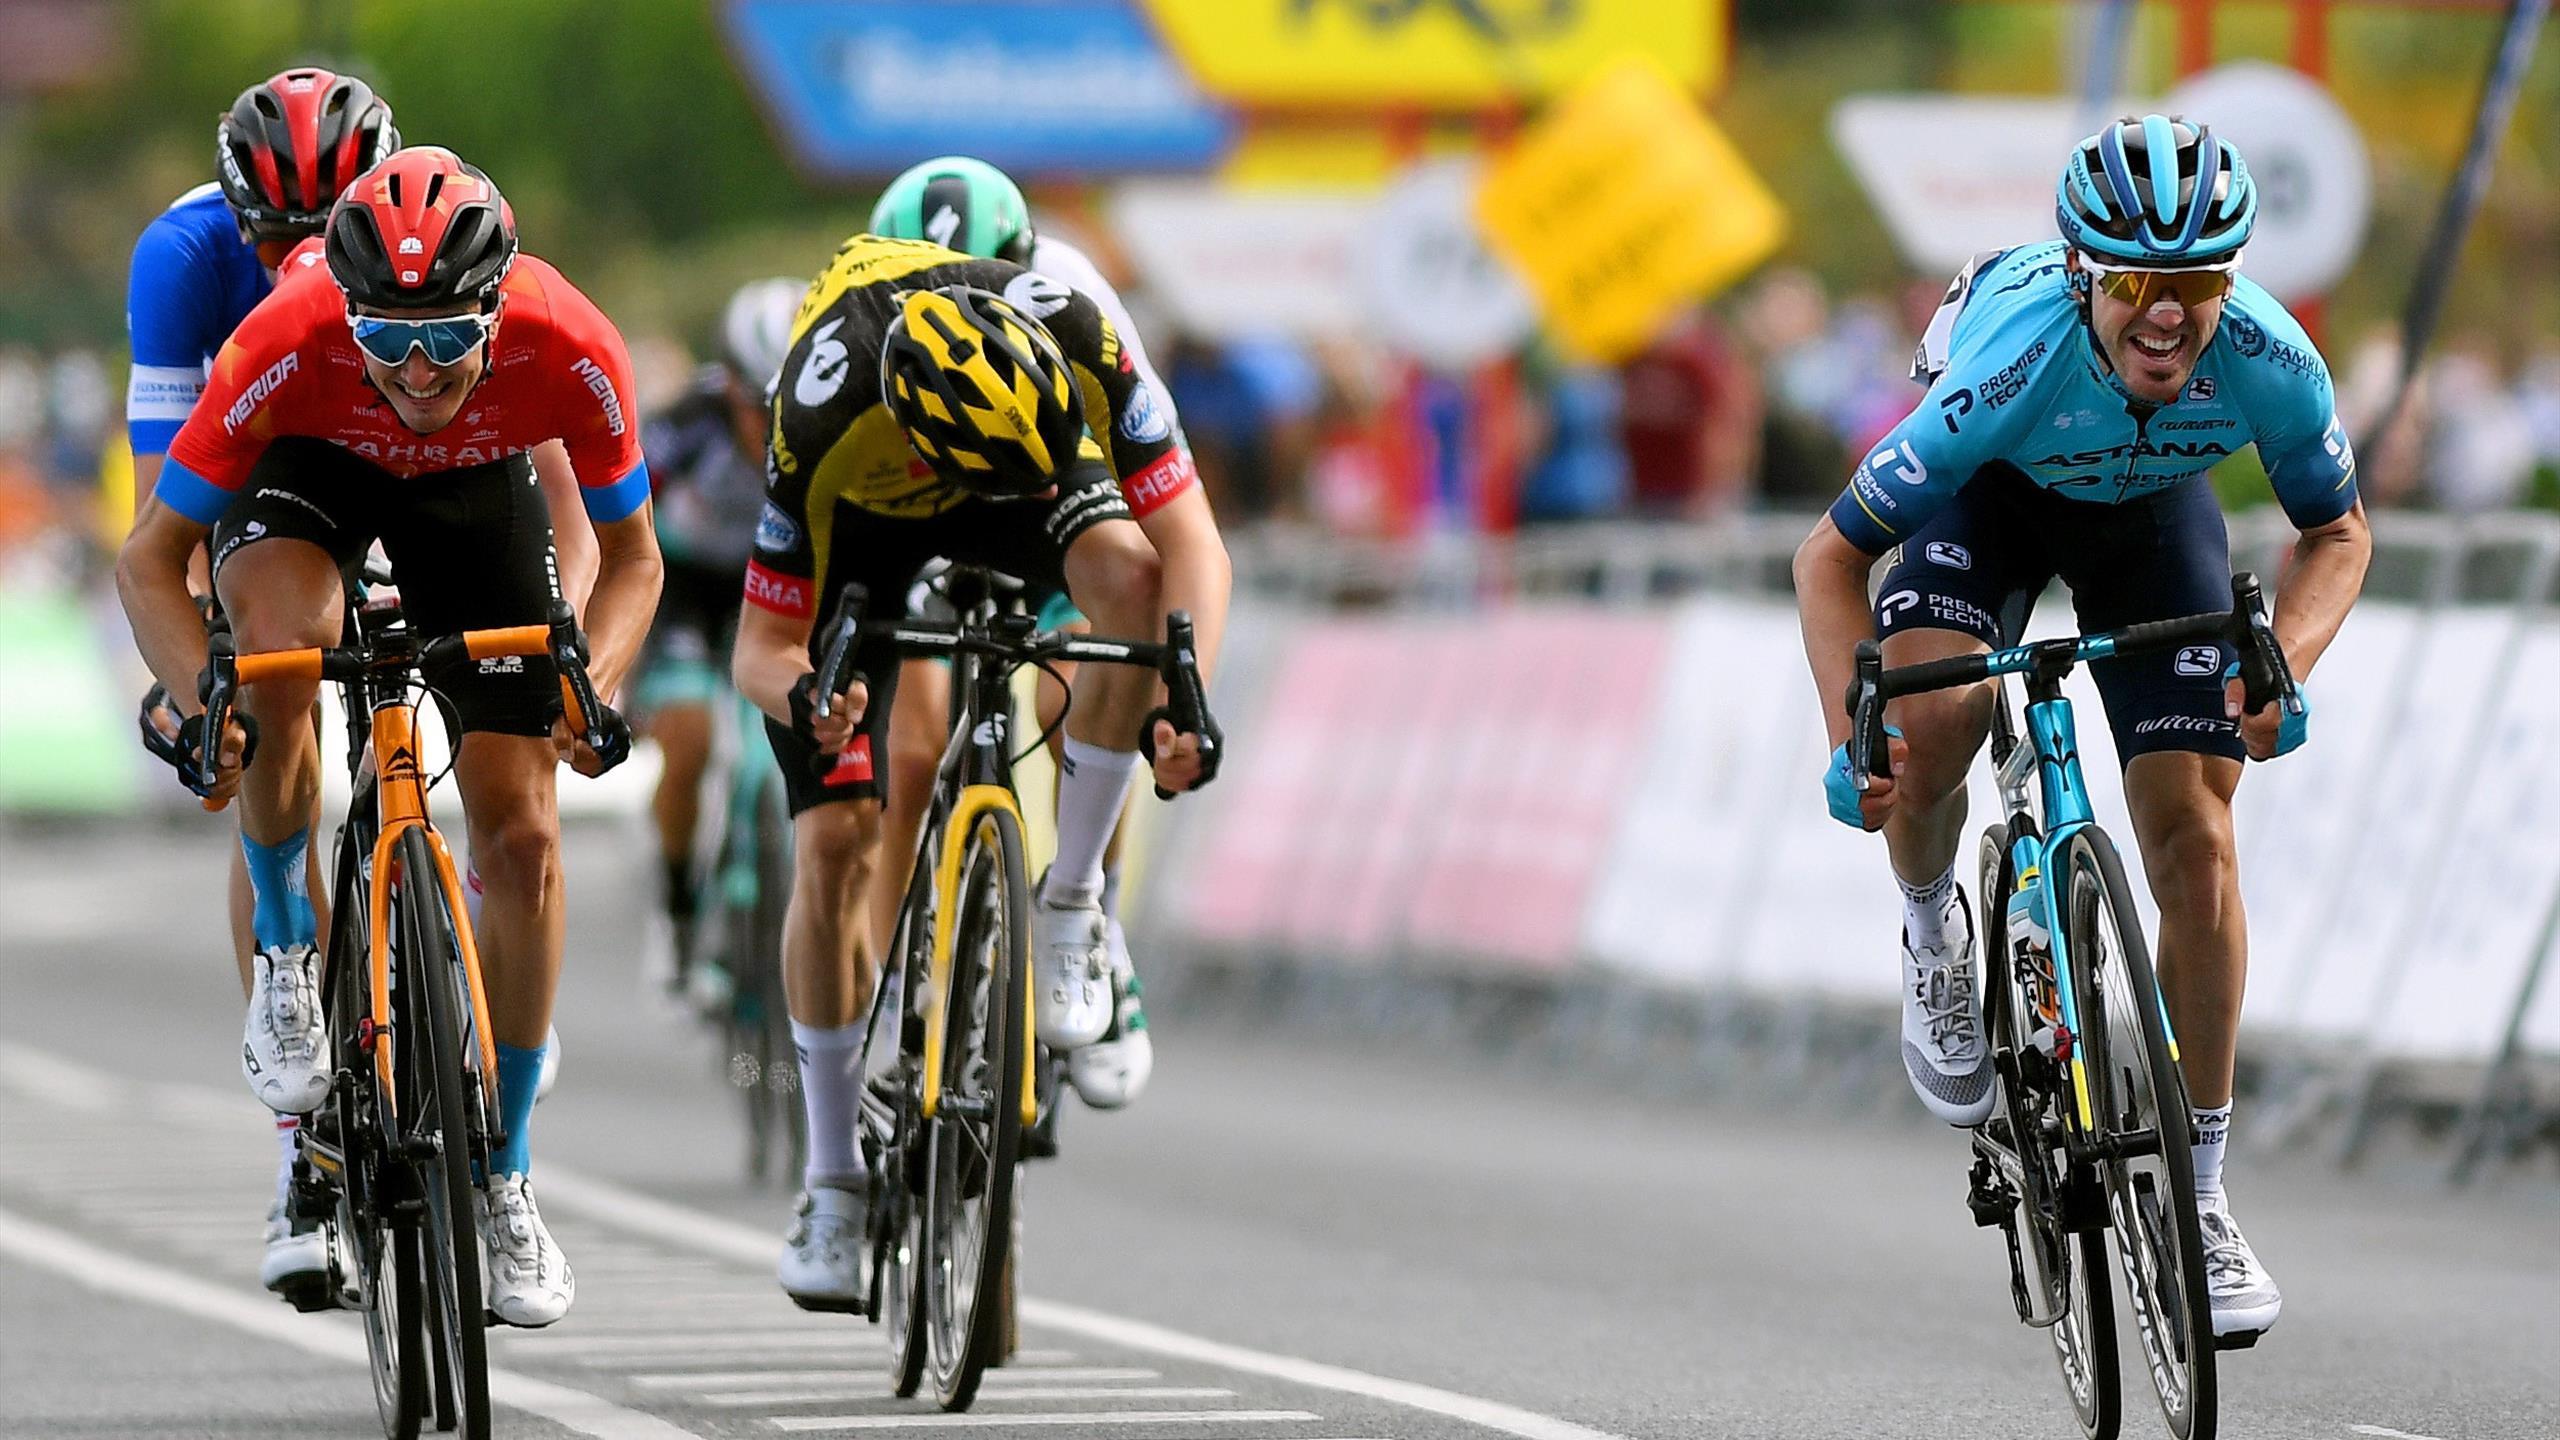 Tour du Pays Basque– Une demi-roue et un beau suspense : la victoire d'Izagirre en vidéo – Vidéo Cyclisme